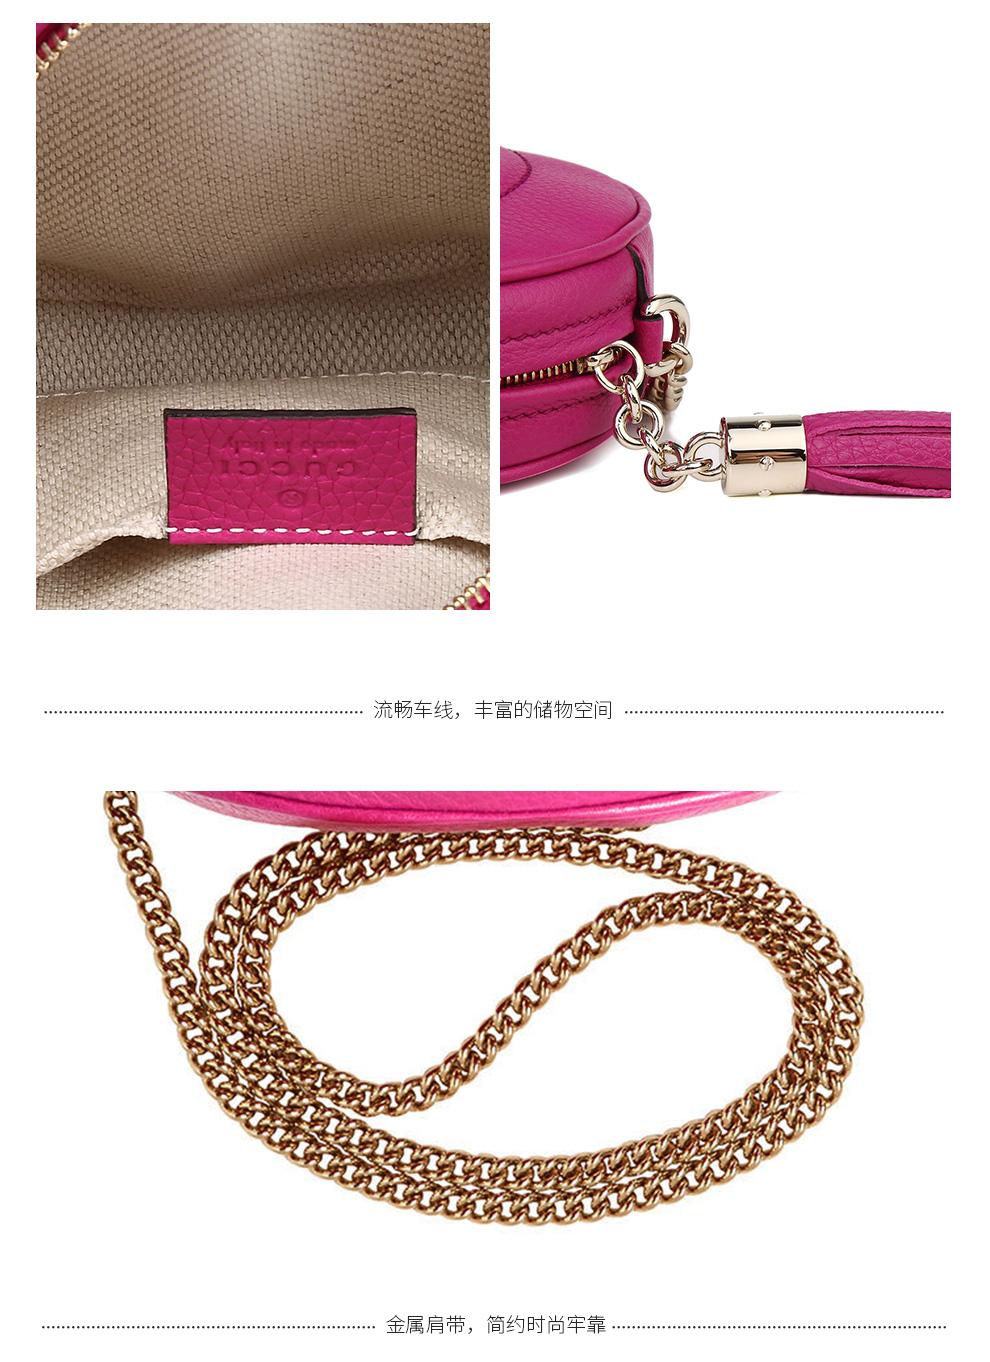 Túi xách nữ GUCCIsoho353965 A7M0GM - ảnh 6